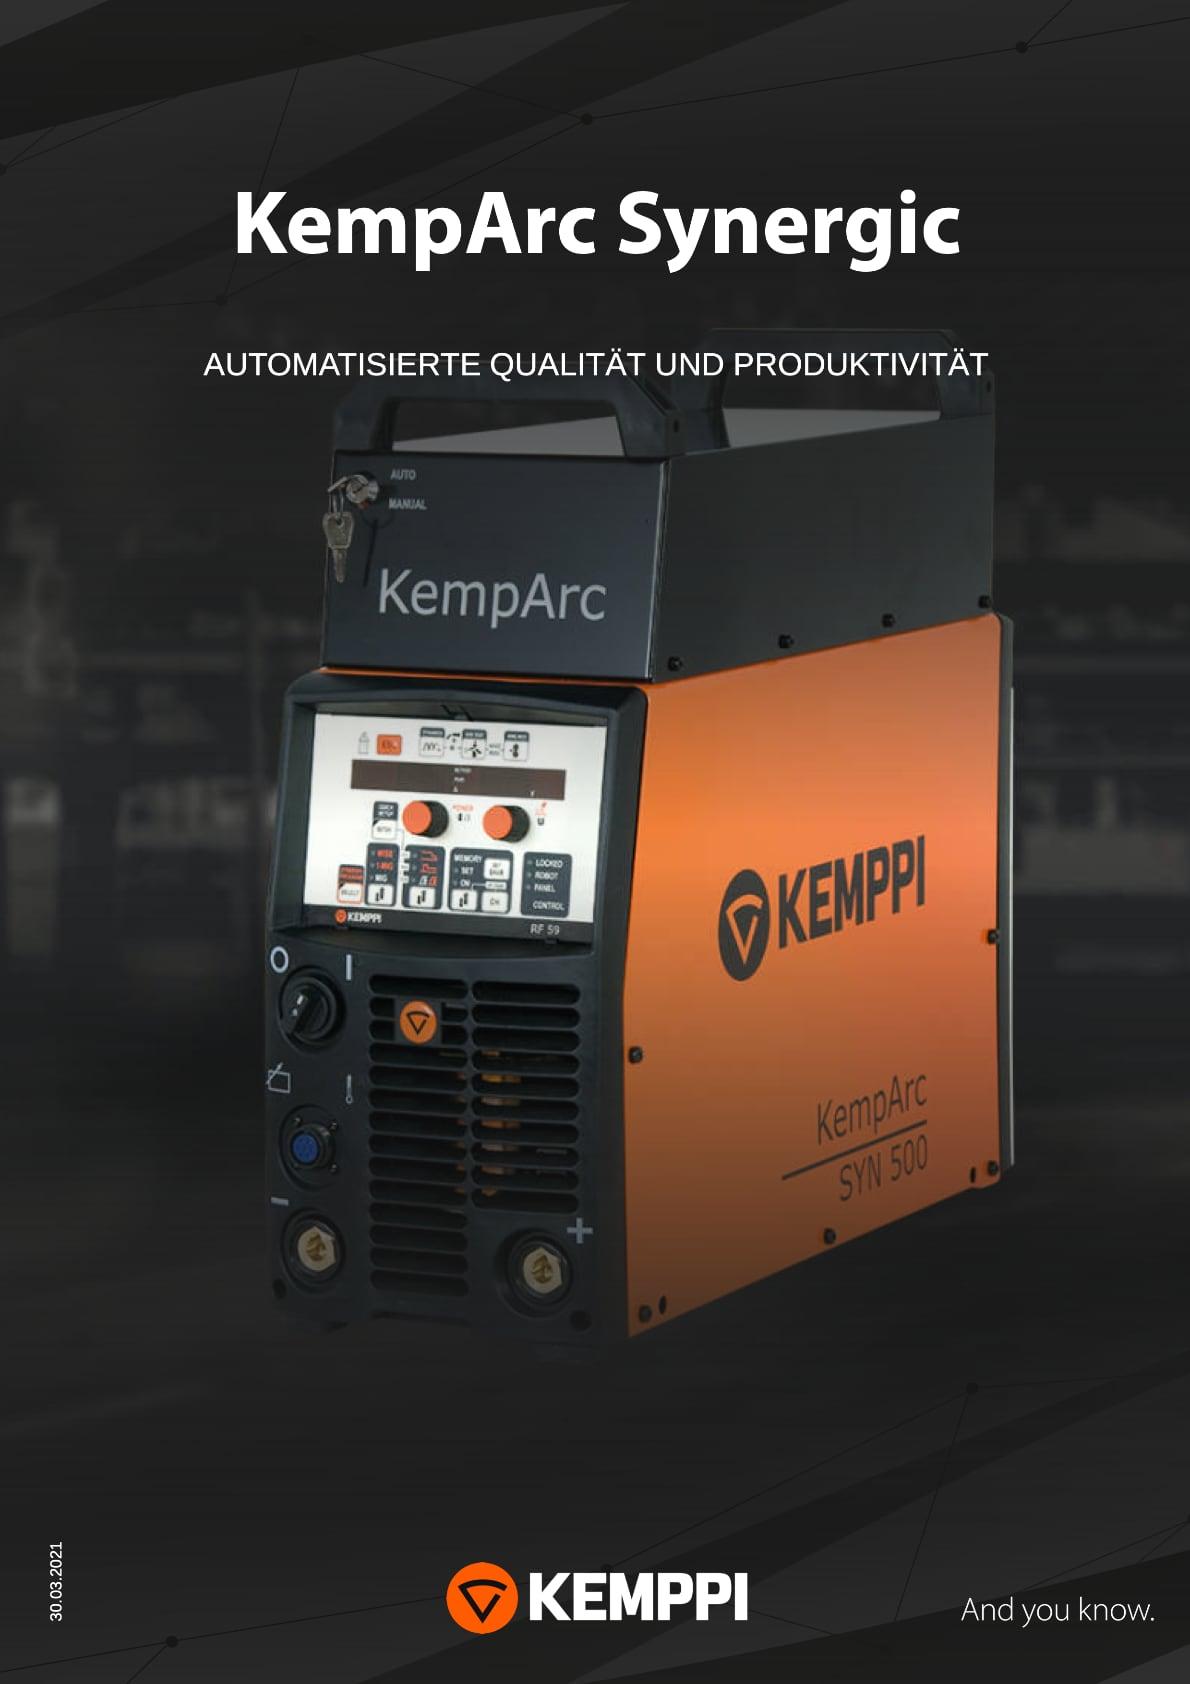 Schweißservice VT Bohmte - Kemppi KempArc Synergic